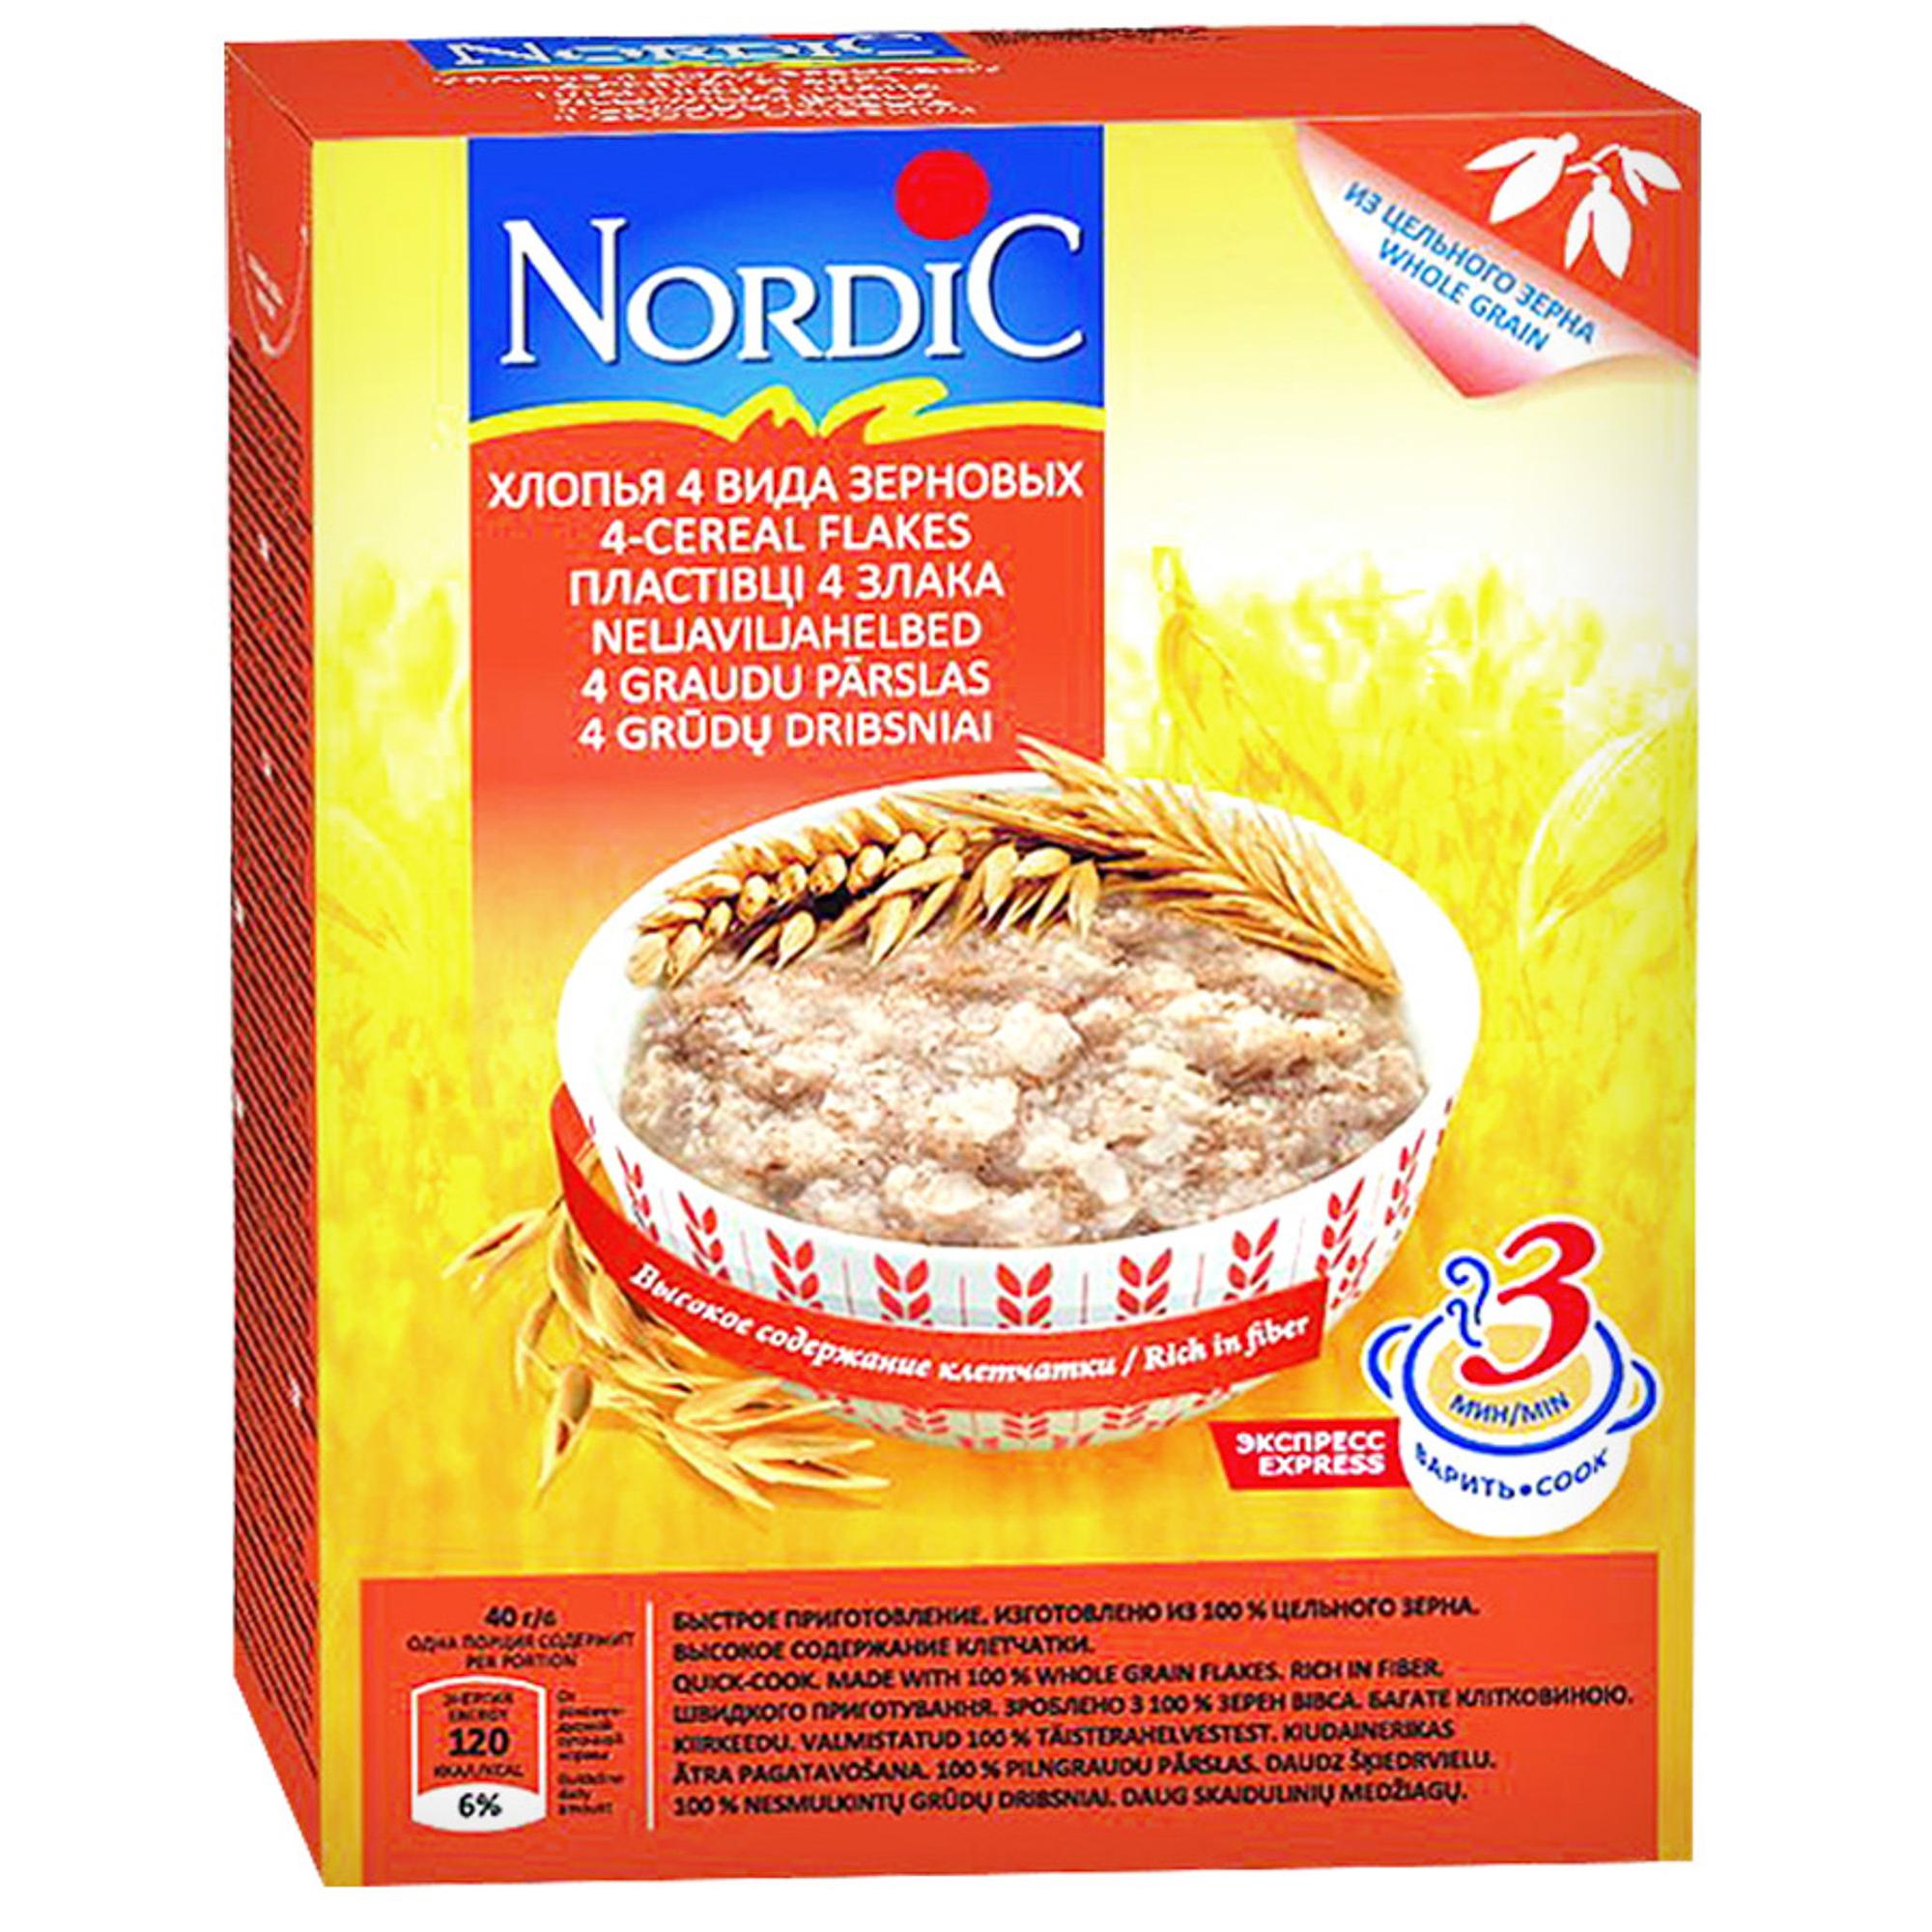 Хлопья Nordic 4 вида зерновых 600 г